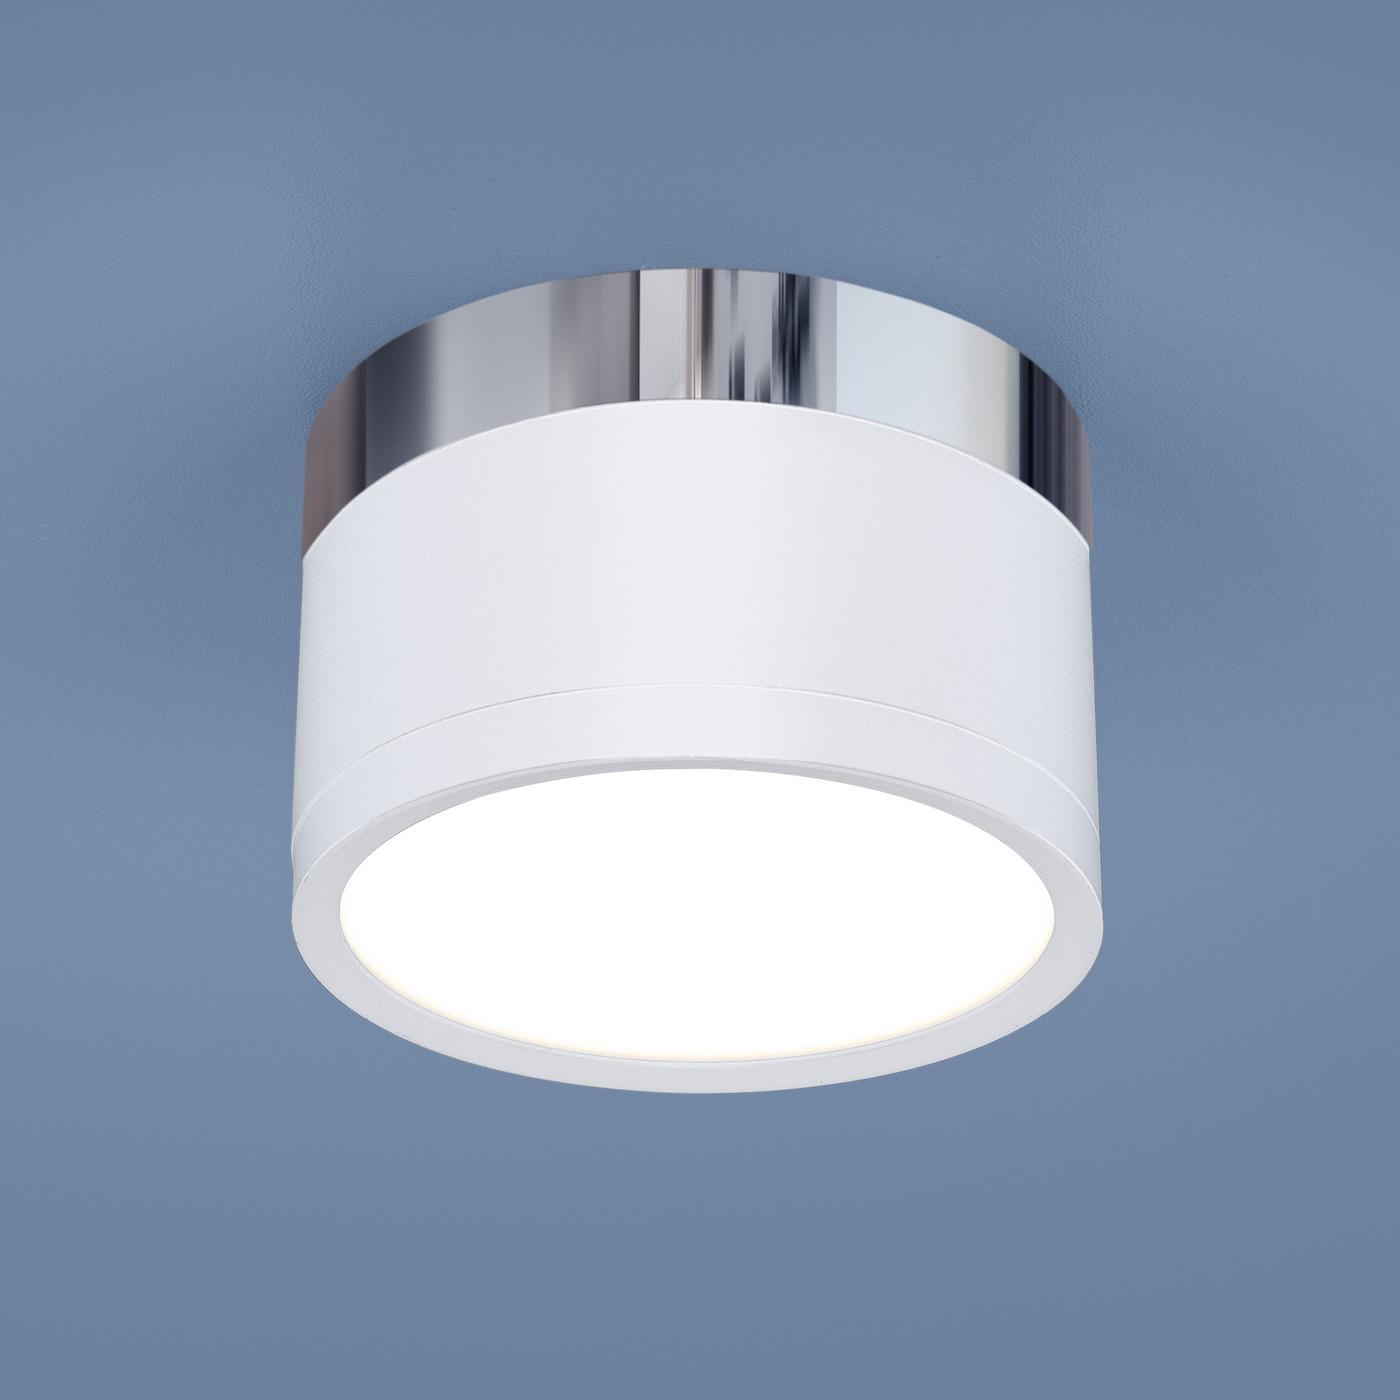 DLR029 10W 4200K / Светильник светодиодный стационарный белый матовый/хром